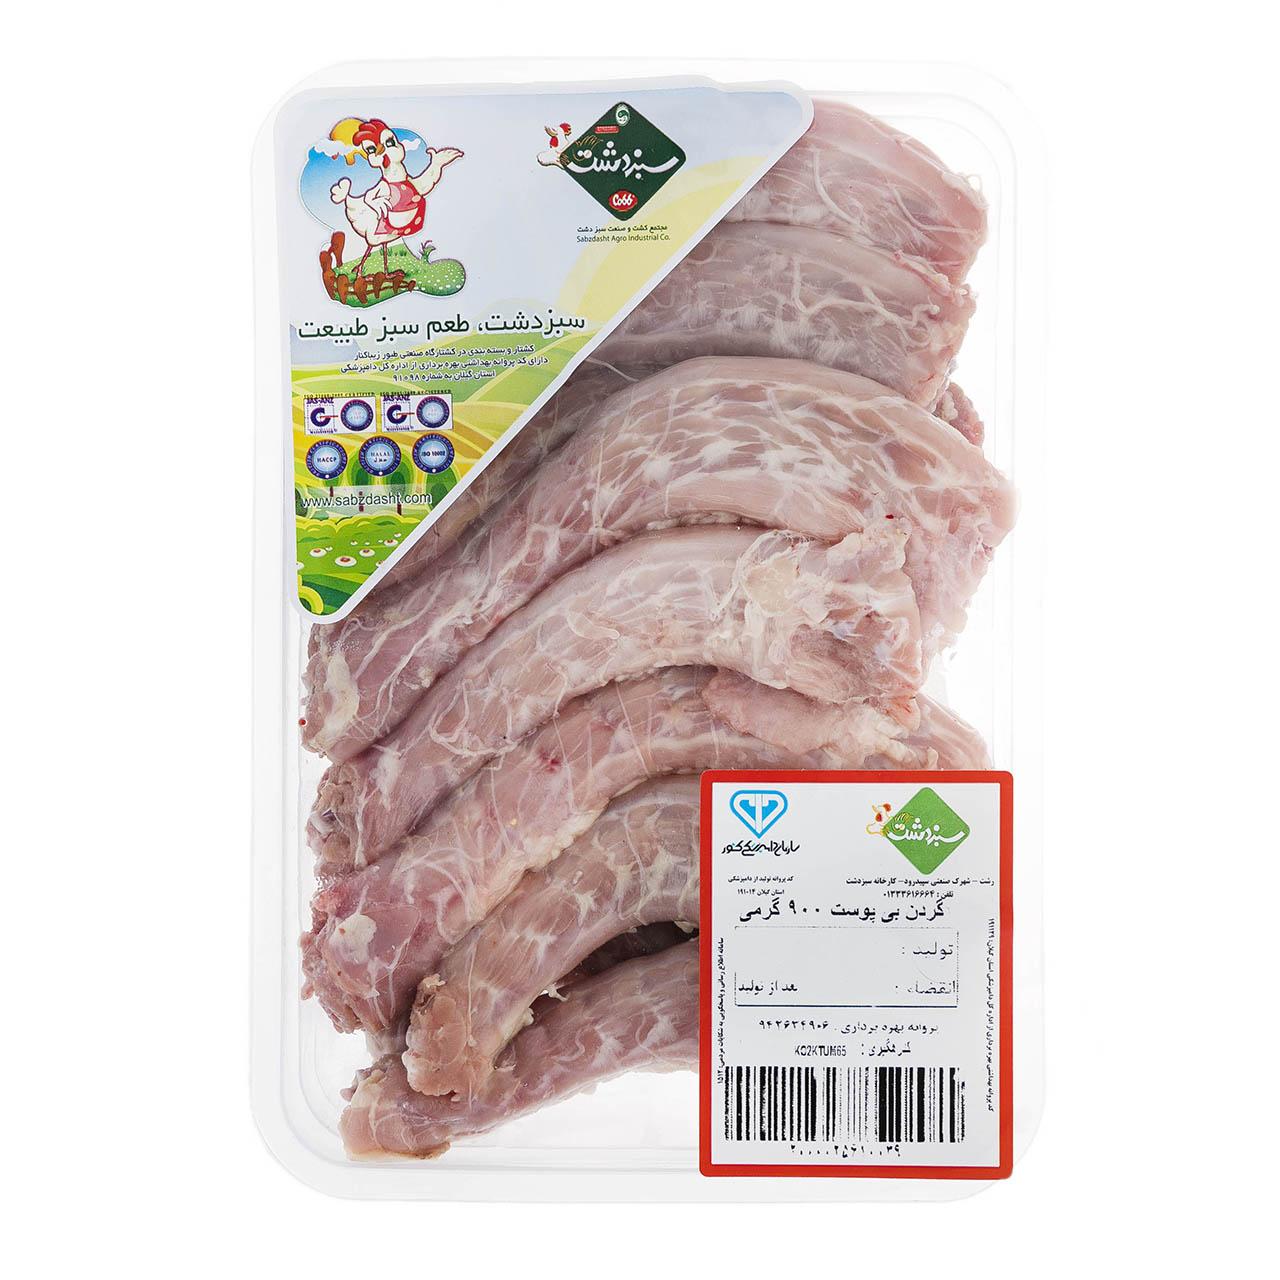 گردن مرغ بدون پوست سبز دشت مقدار 0.9 کیلو گرم